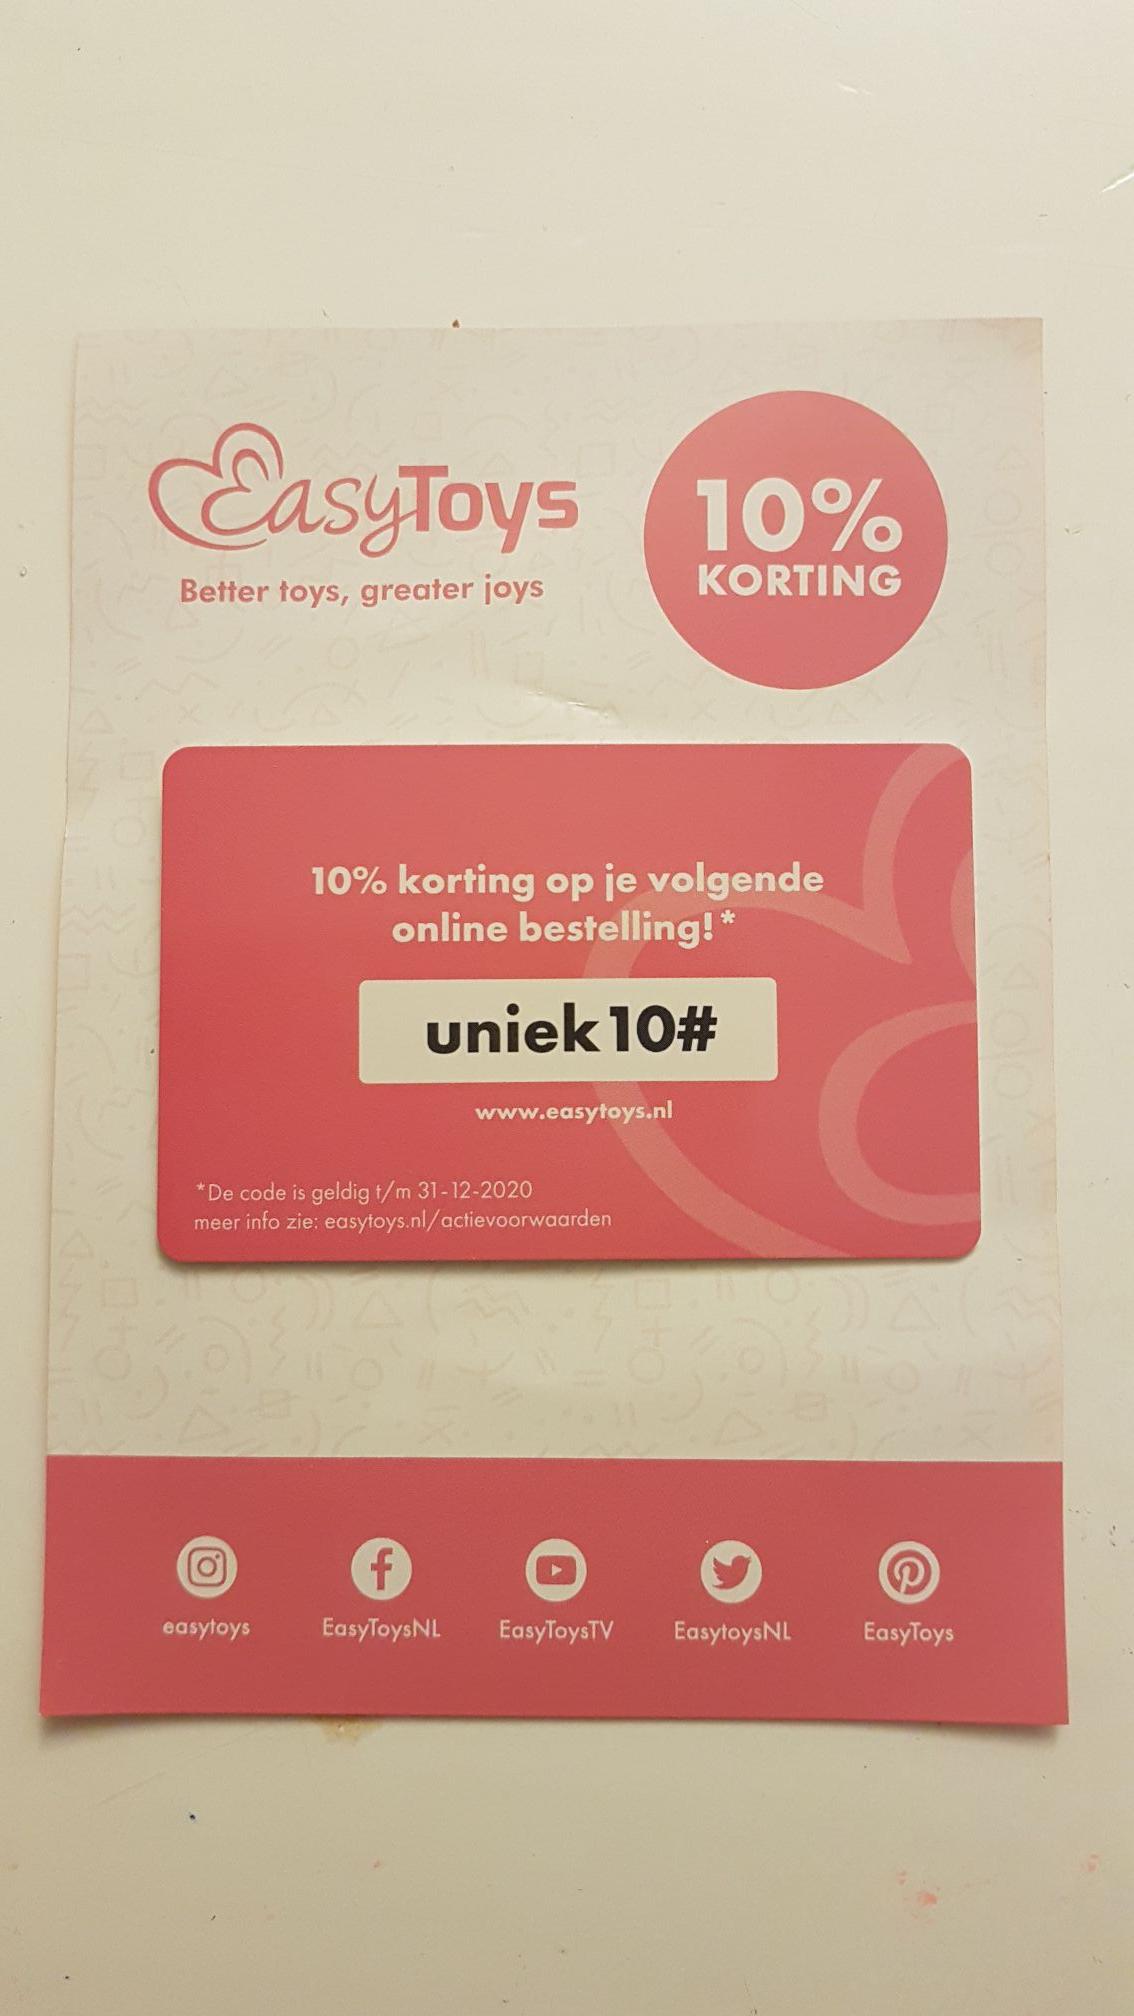 10% korting op Easytoys bestelling. Kortingscode